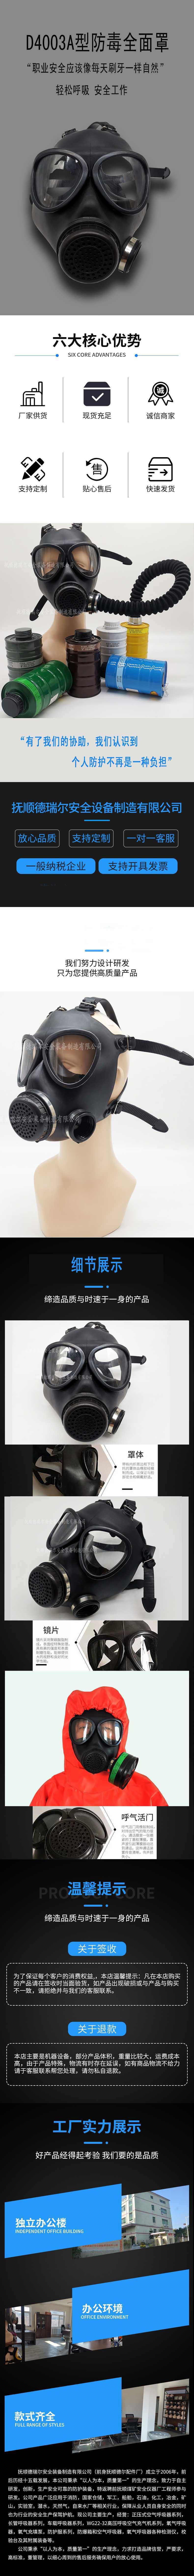 4003型防毒面具